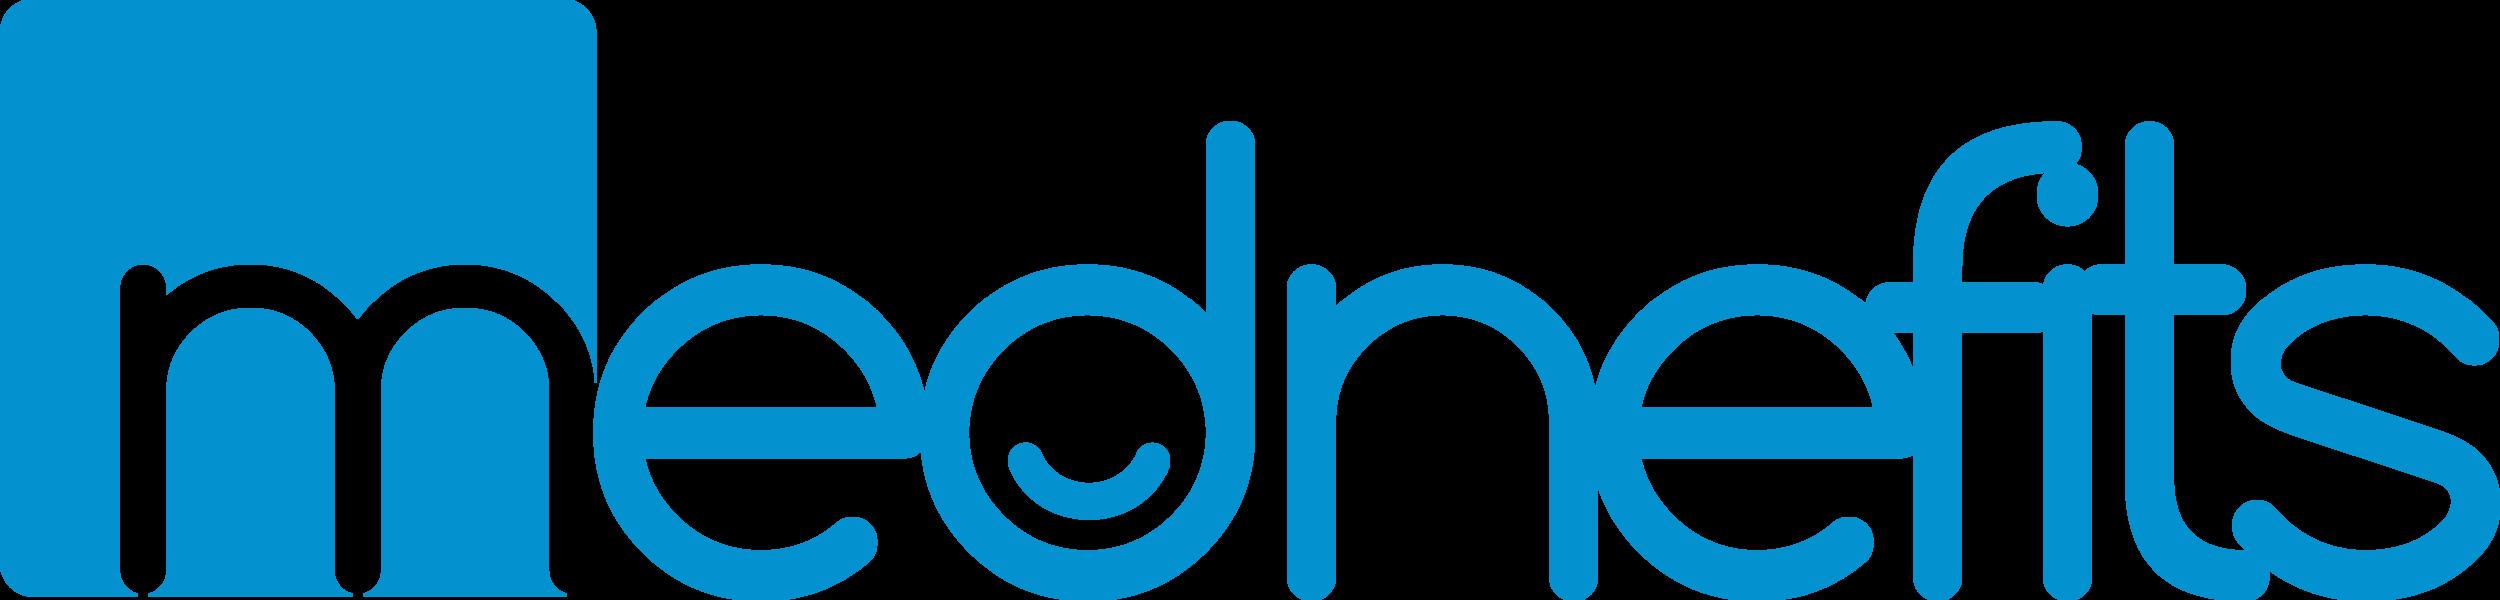 mednefits_logo_v3_(blue)_LARGE.png